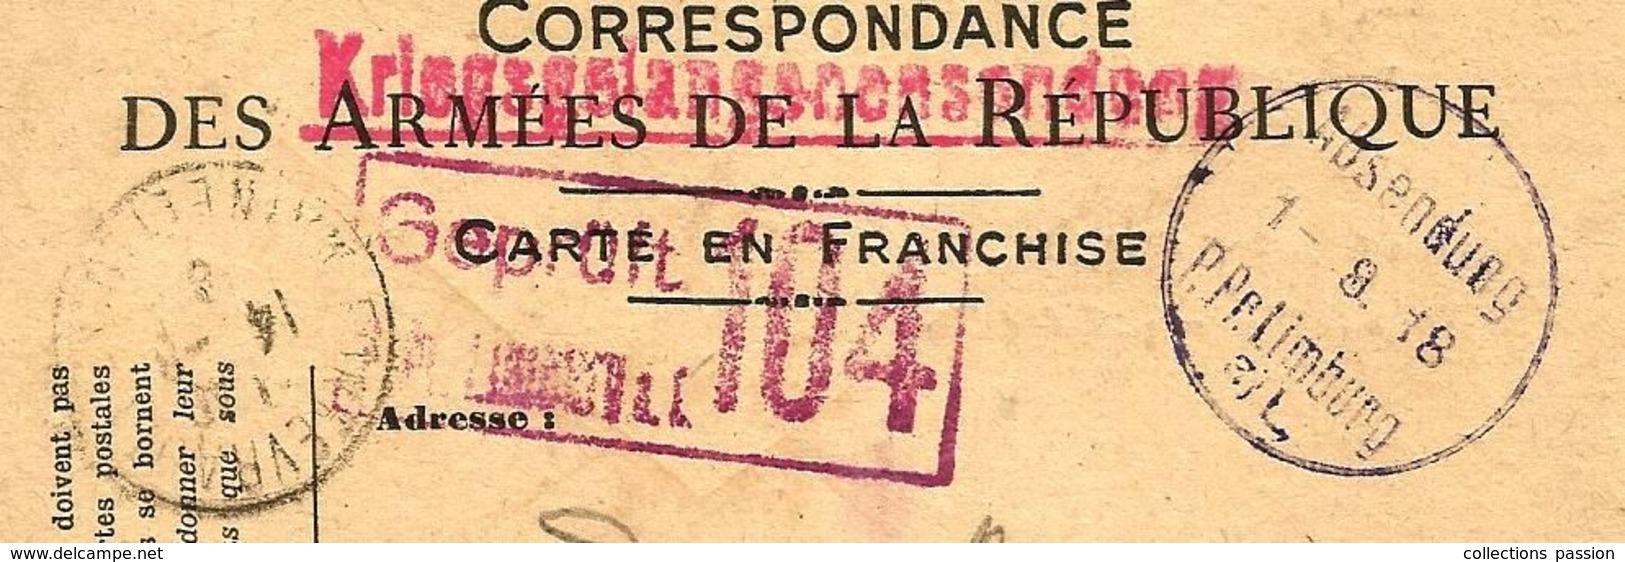 CORRESPONDANCE DES ARMEES DE LA REPUBLIQUE , ALLEMAGNE, Prisonnier ,LIMBURG ,1918 - Covers & Documents